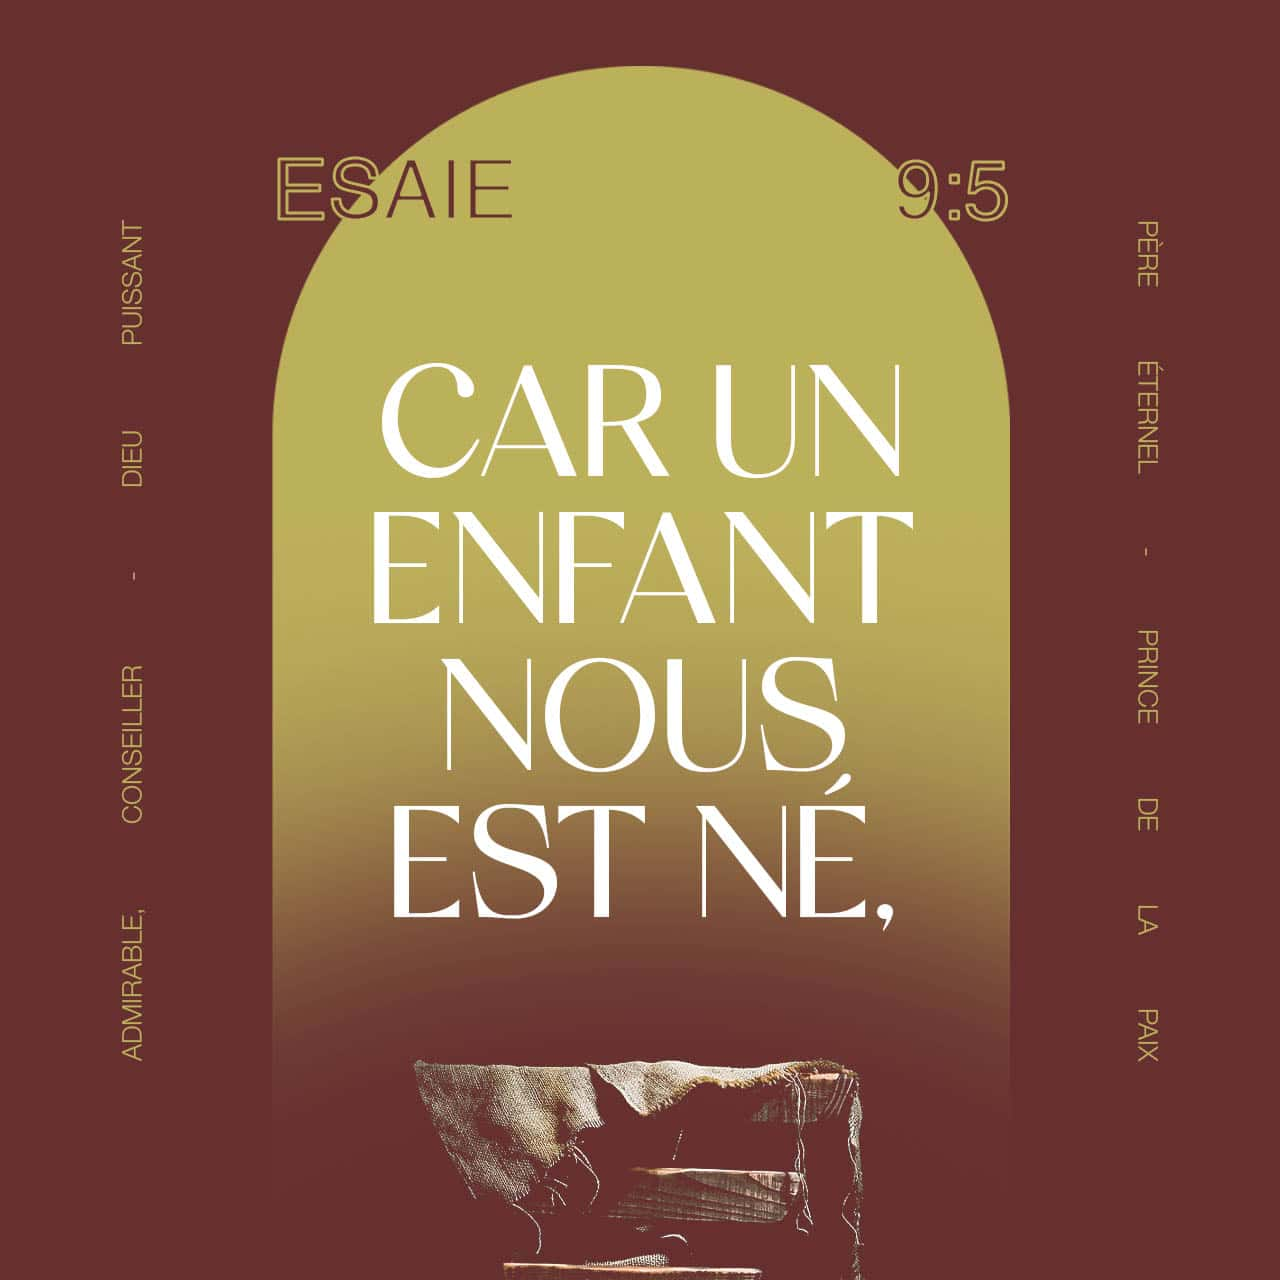 Car un enfant nous est né - Esaïe 9:5 - Verset illustré